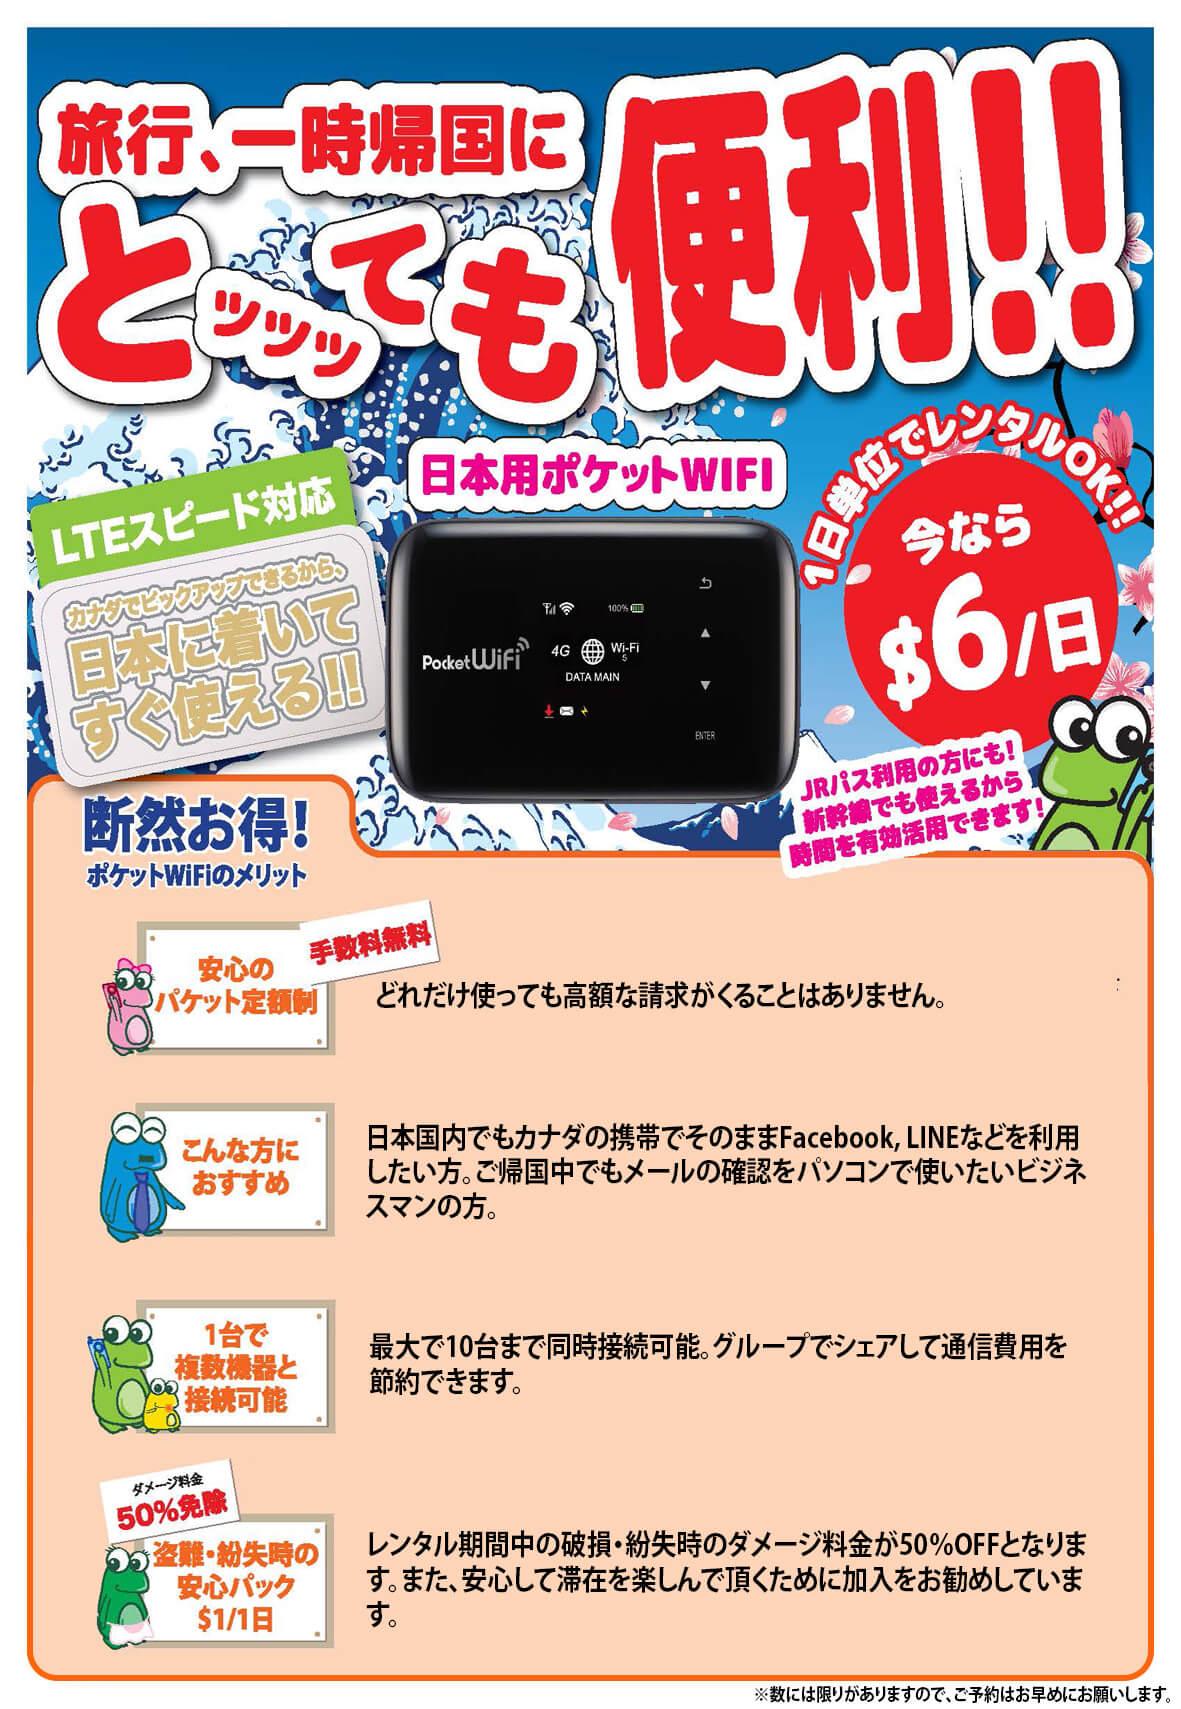 日本へ帰国時のポケットwifi、SIMフリー携帯へのSIMカード